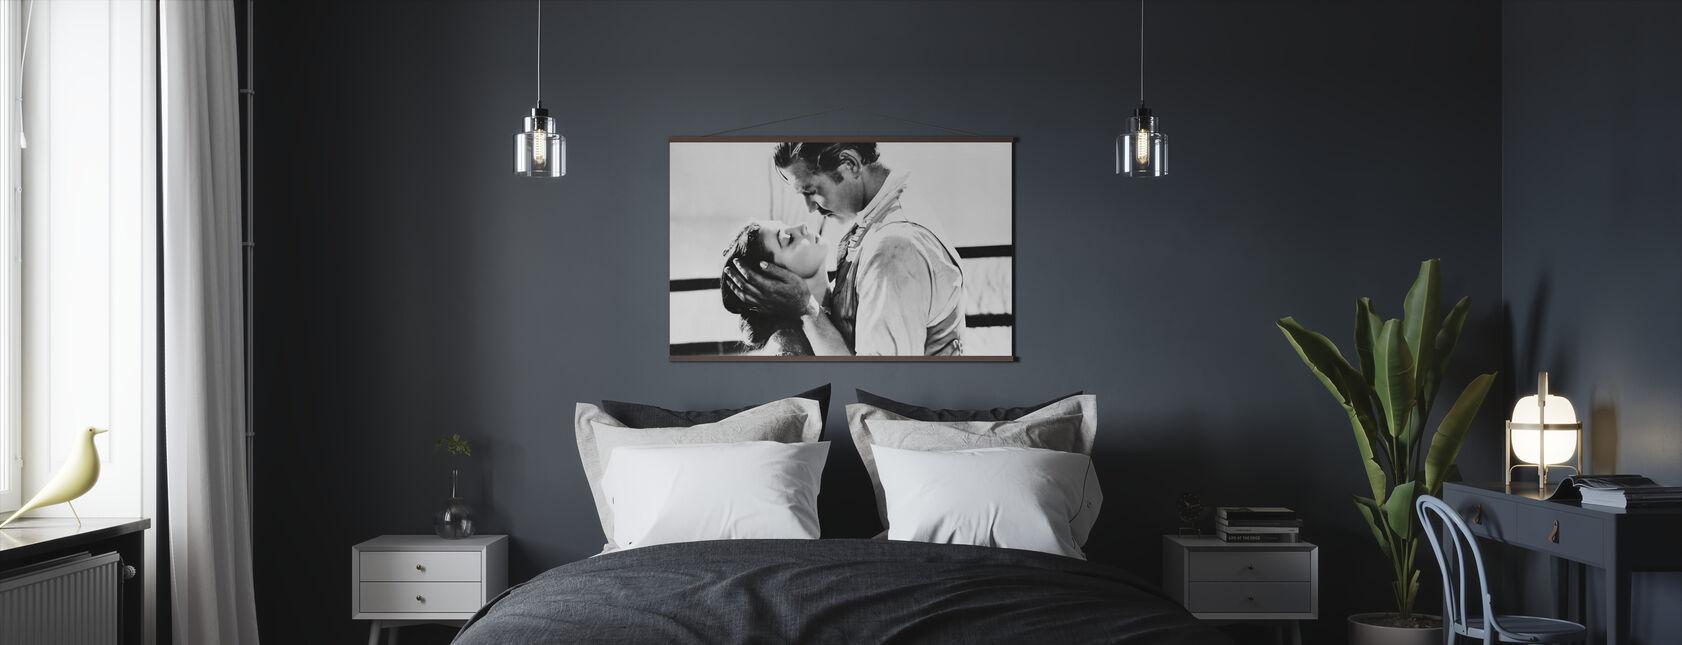 Tuulen viemää - Clark Gable ja Vivien Leigh - Juliste - Makuuhuone